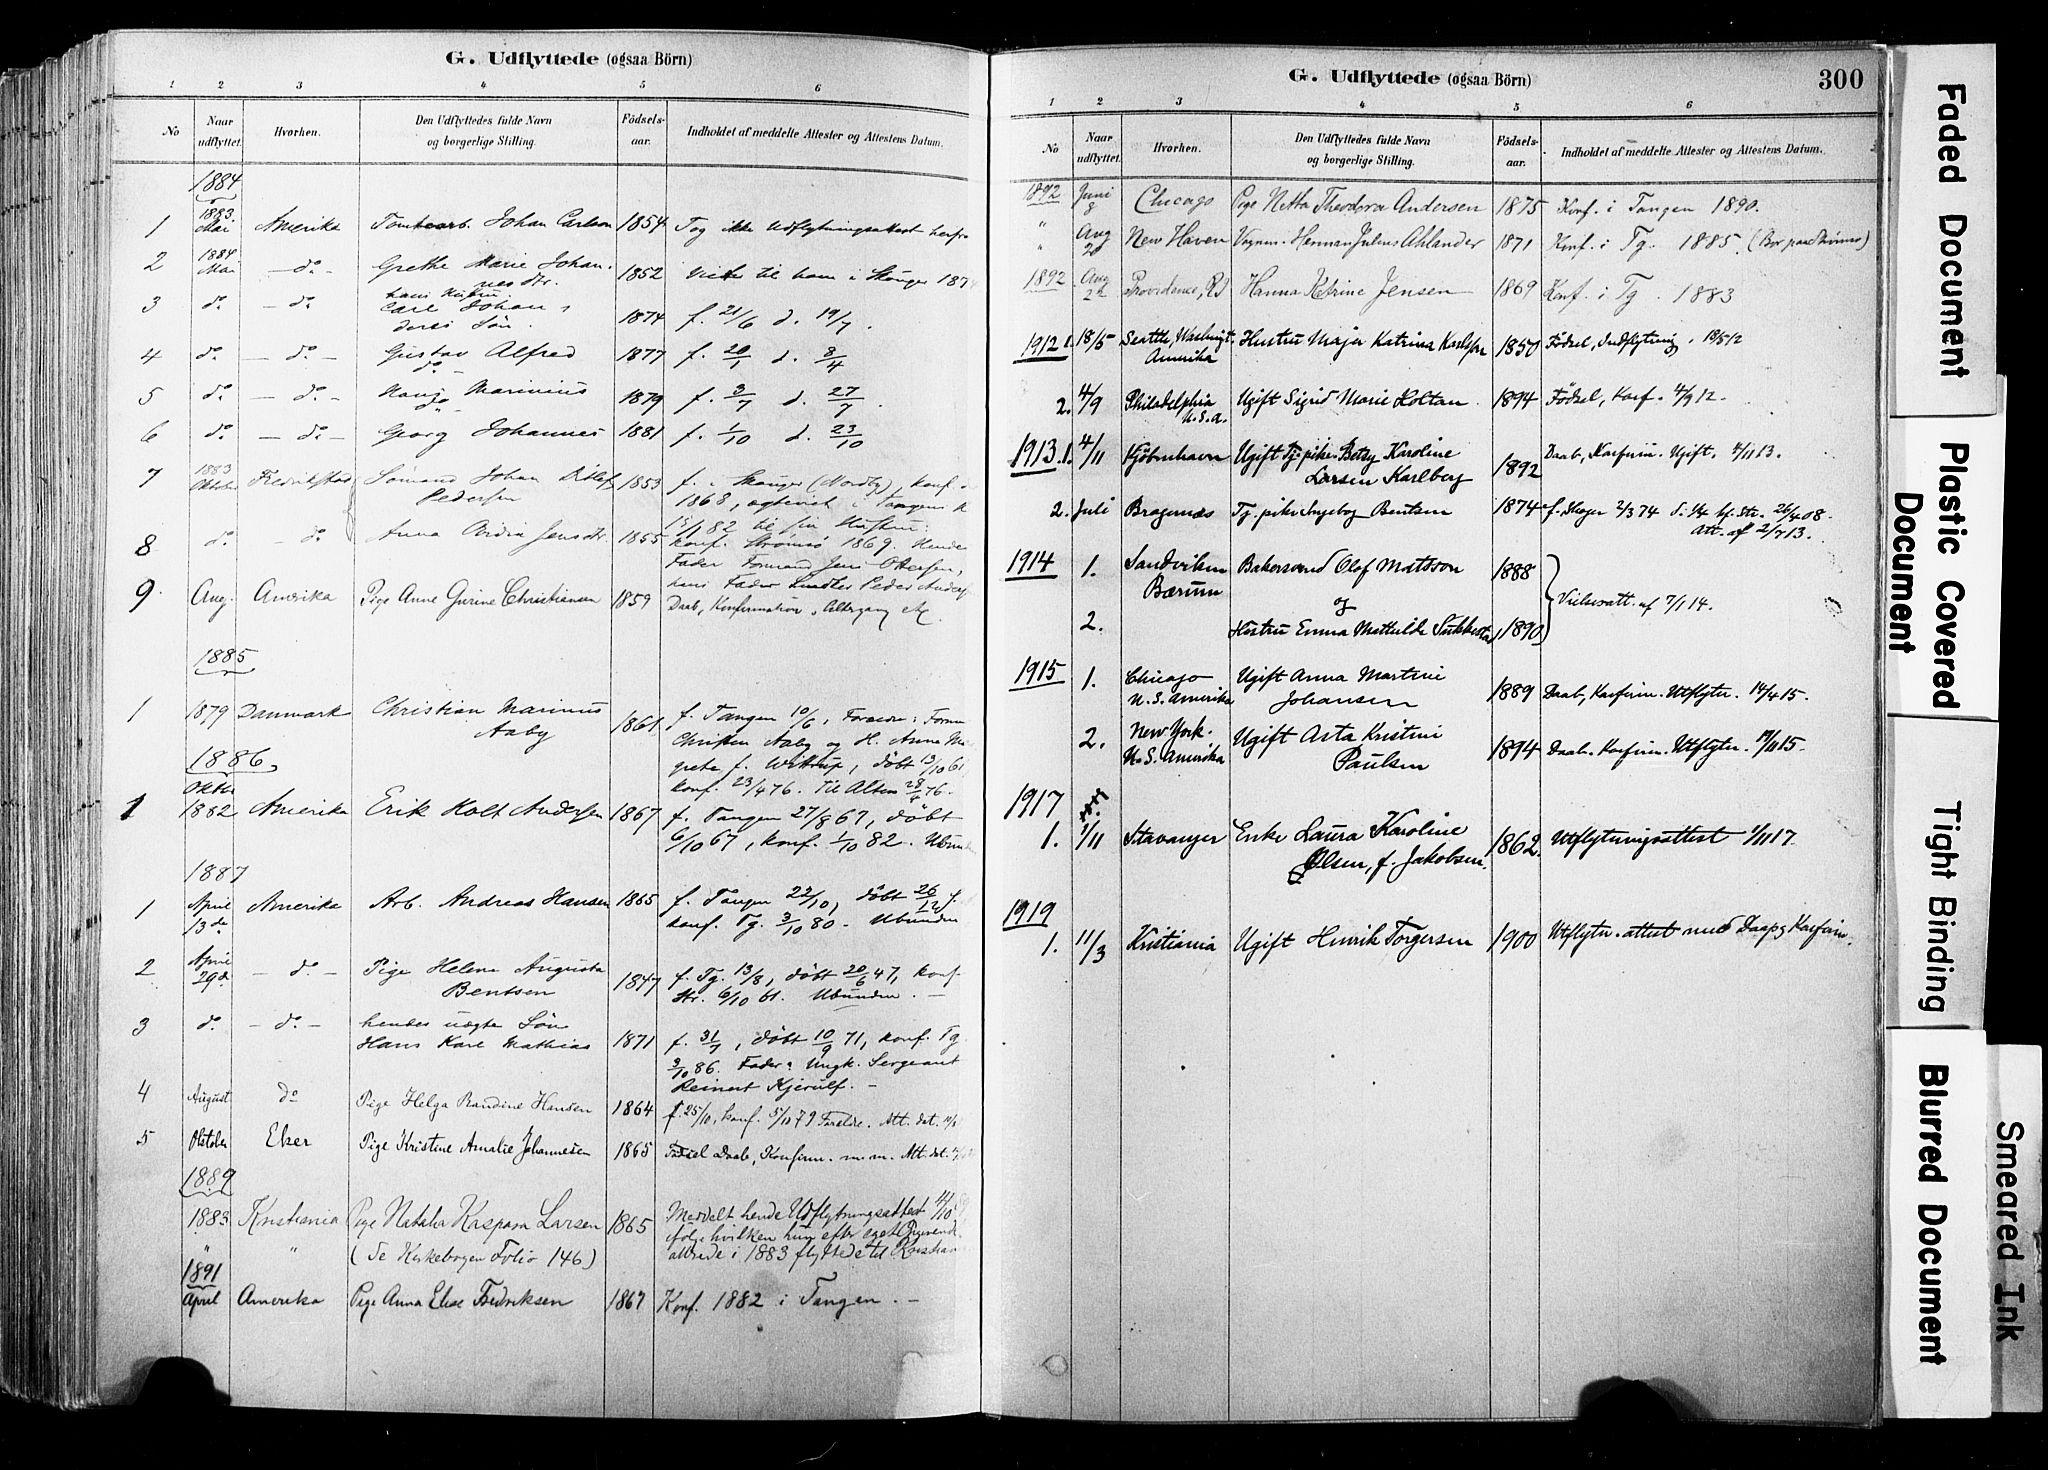 SAKO, Strømsø kirkebøker, F/Fb/L0006: Ministerialbok nr. II 6, 1879-1910, s. 300